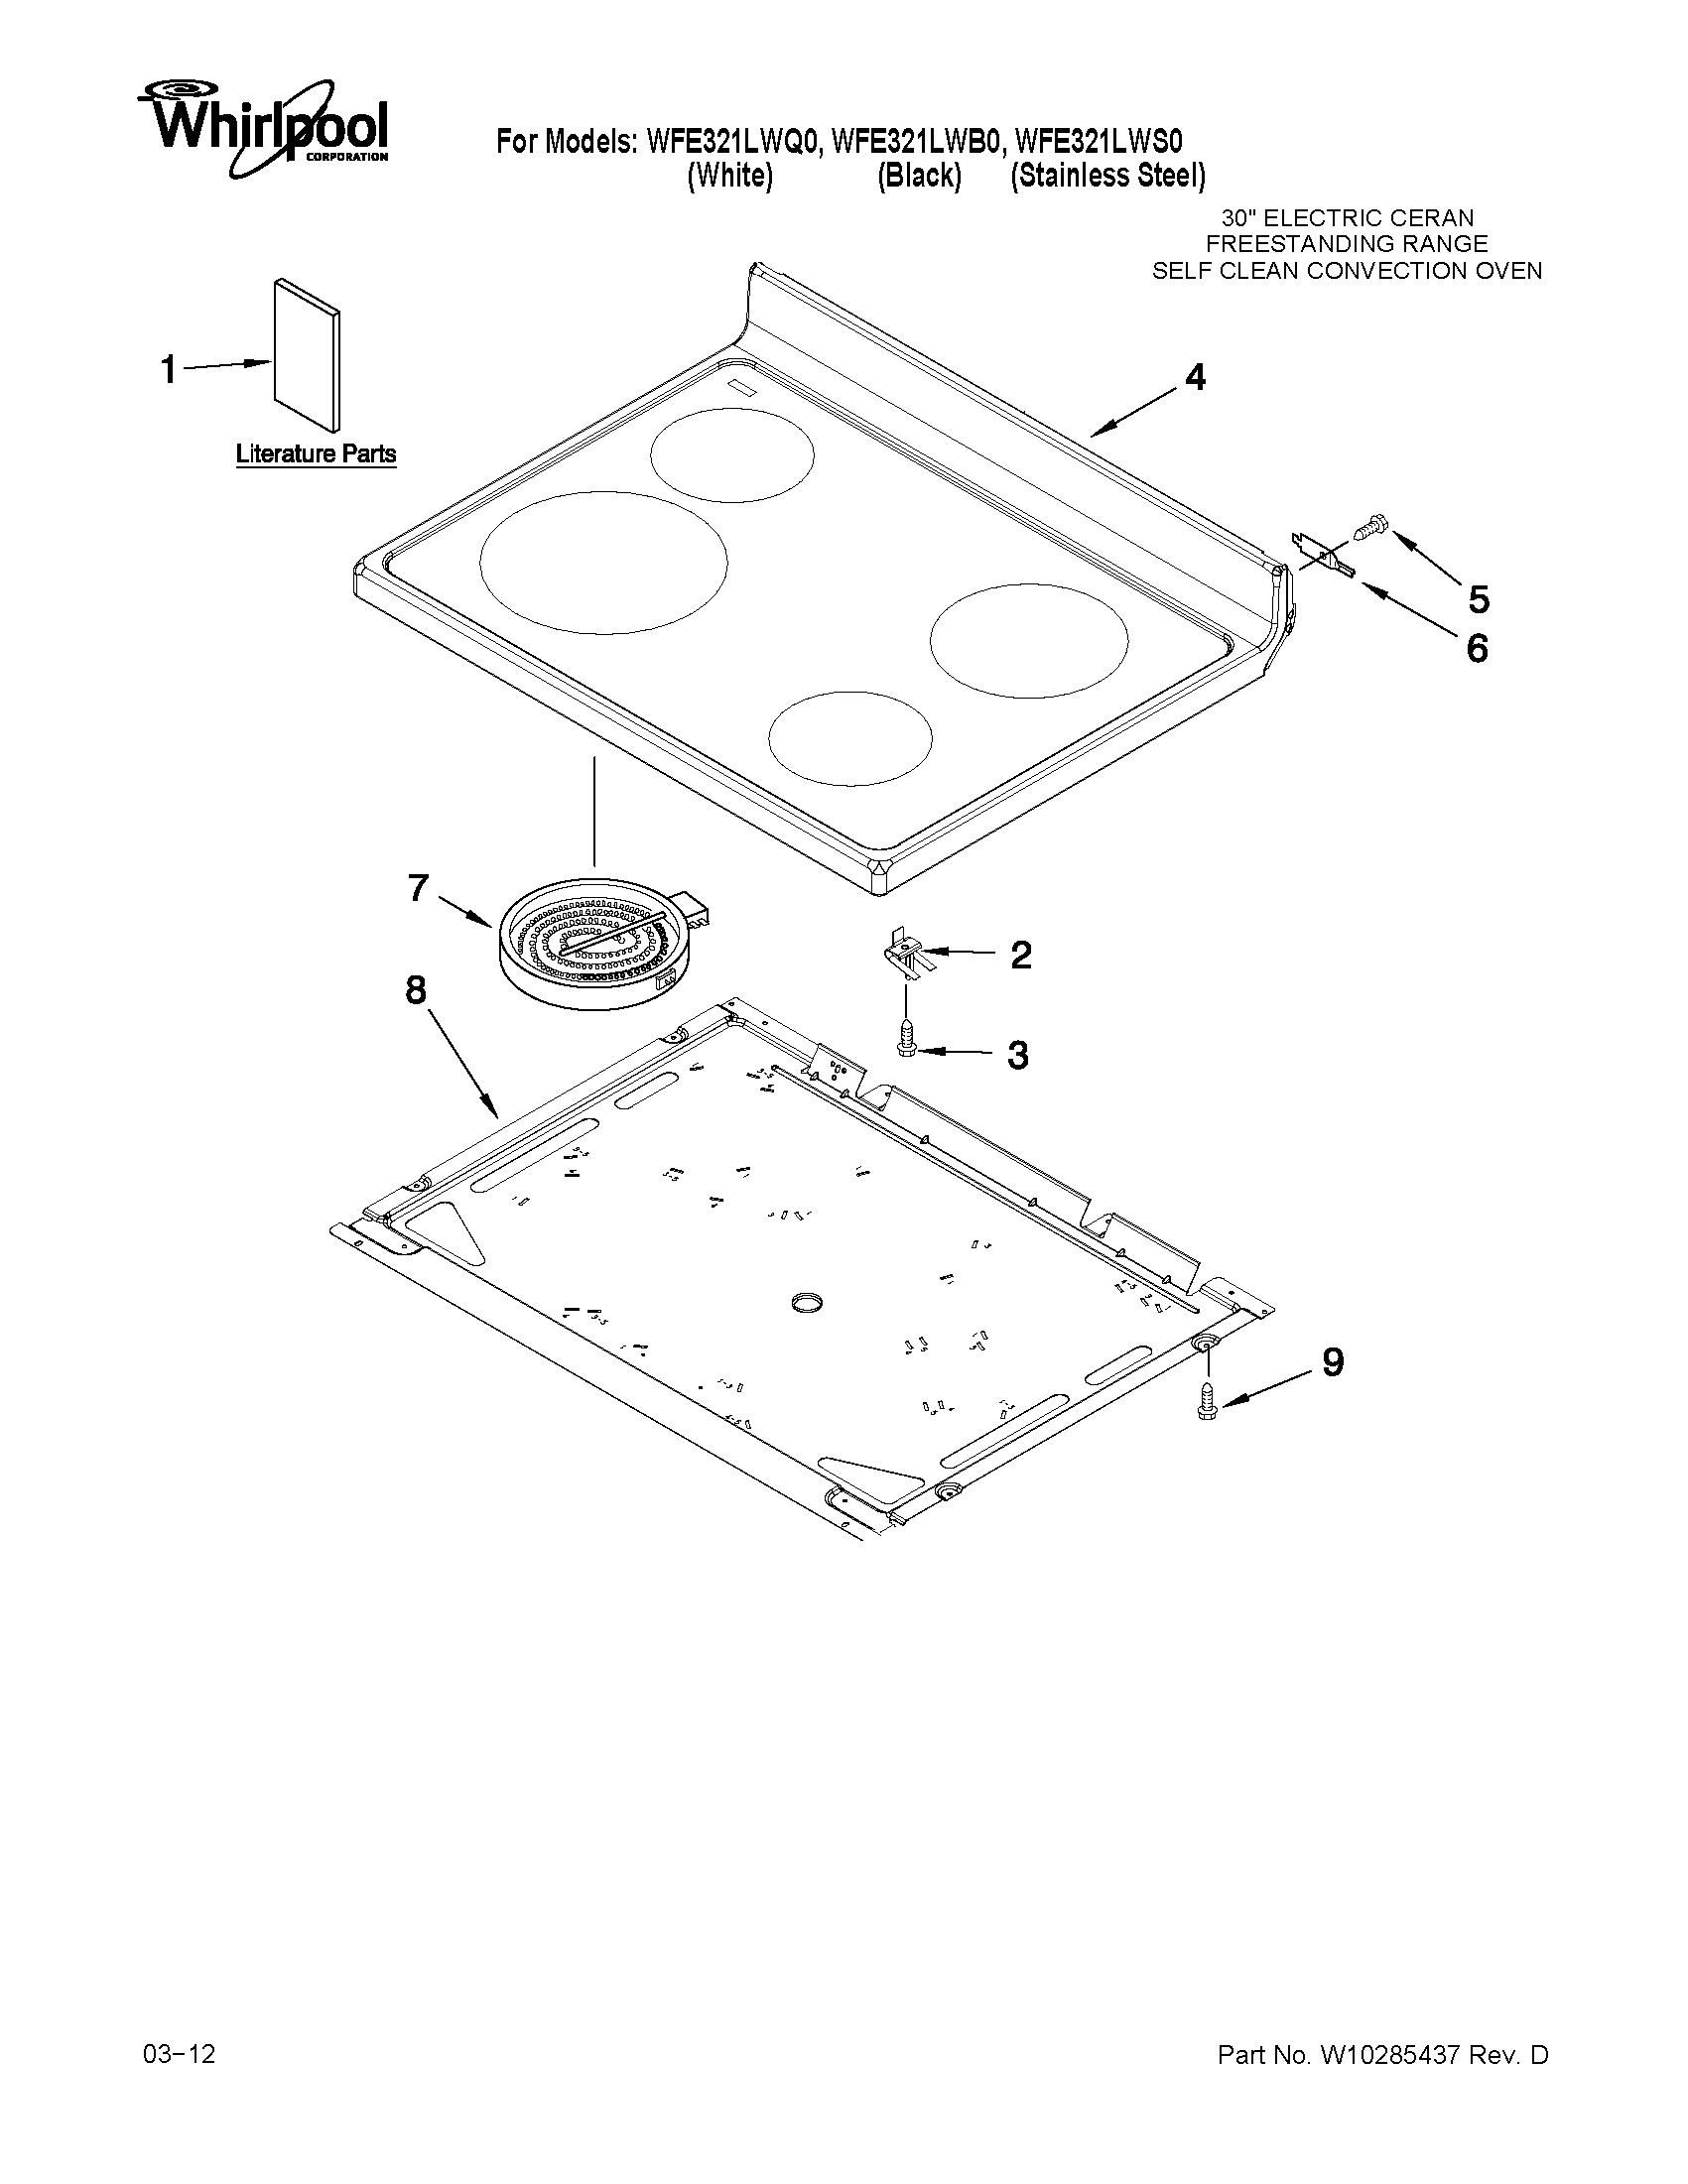 Jgbs23wea5ww Wiring Diagram : 27 Wiring Diagram Images